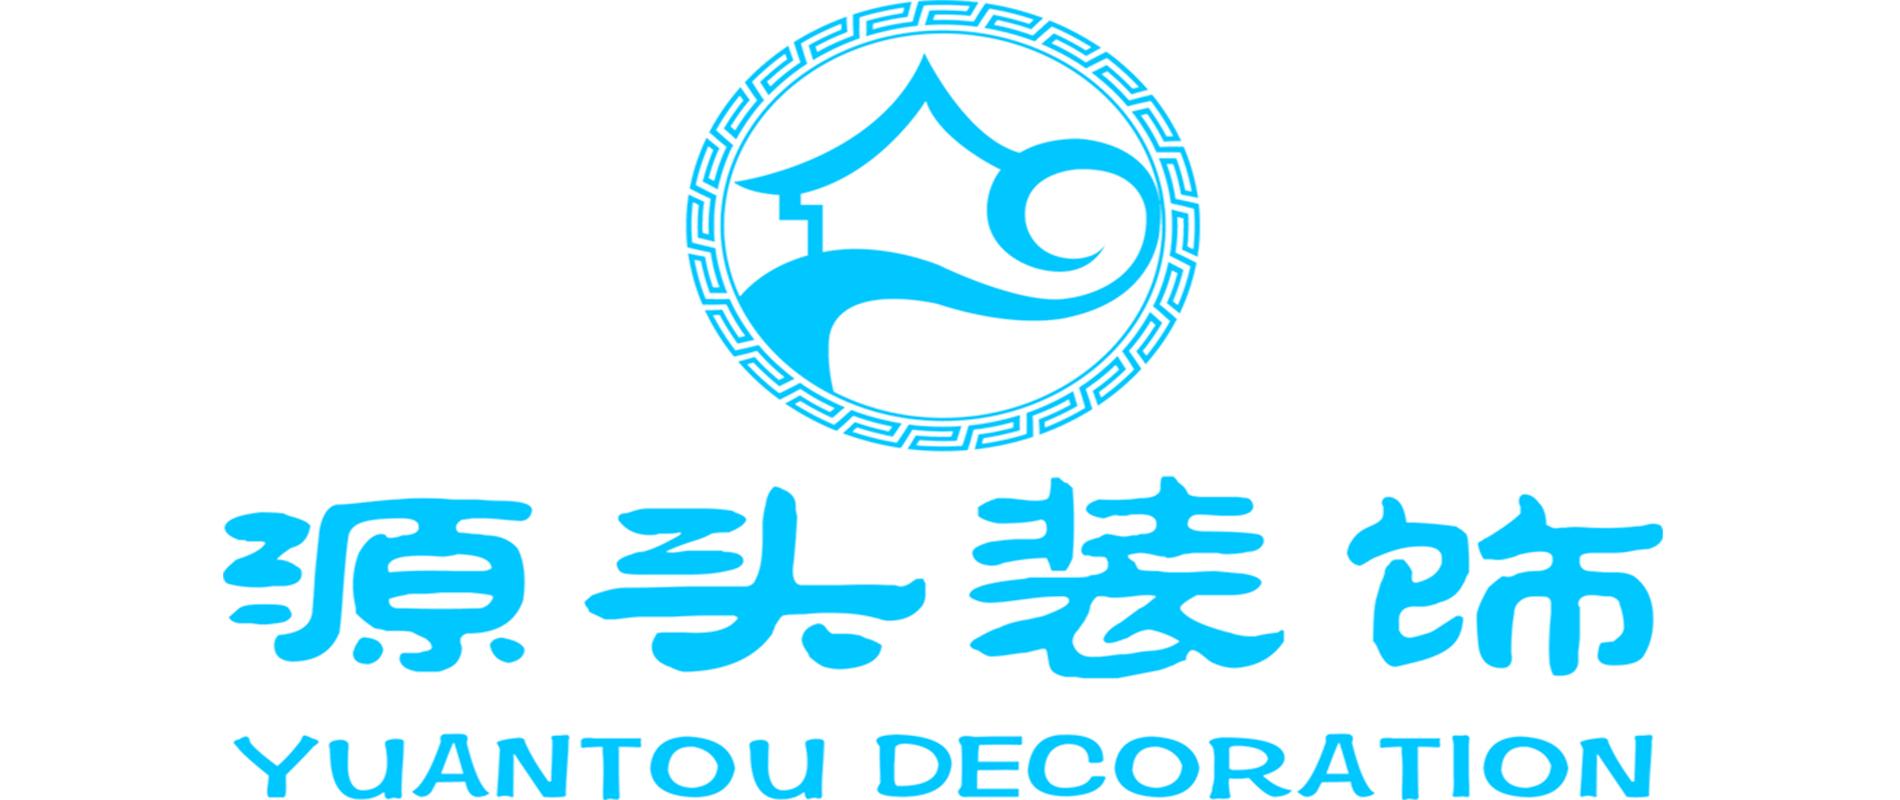 云南源头建筑装饰工程有限公司